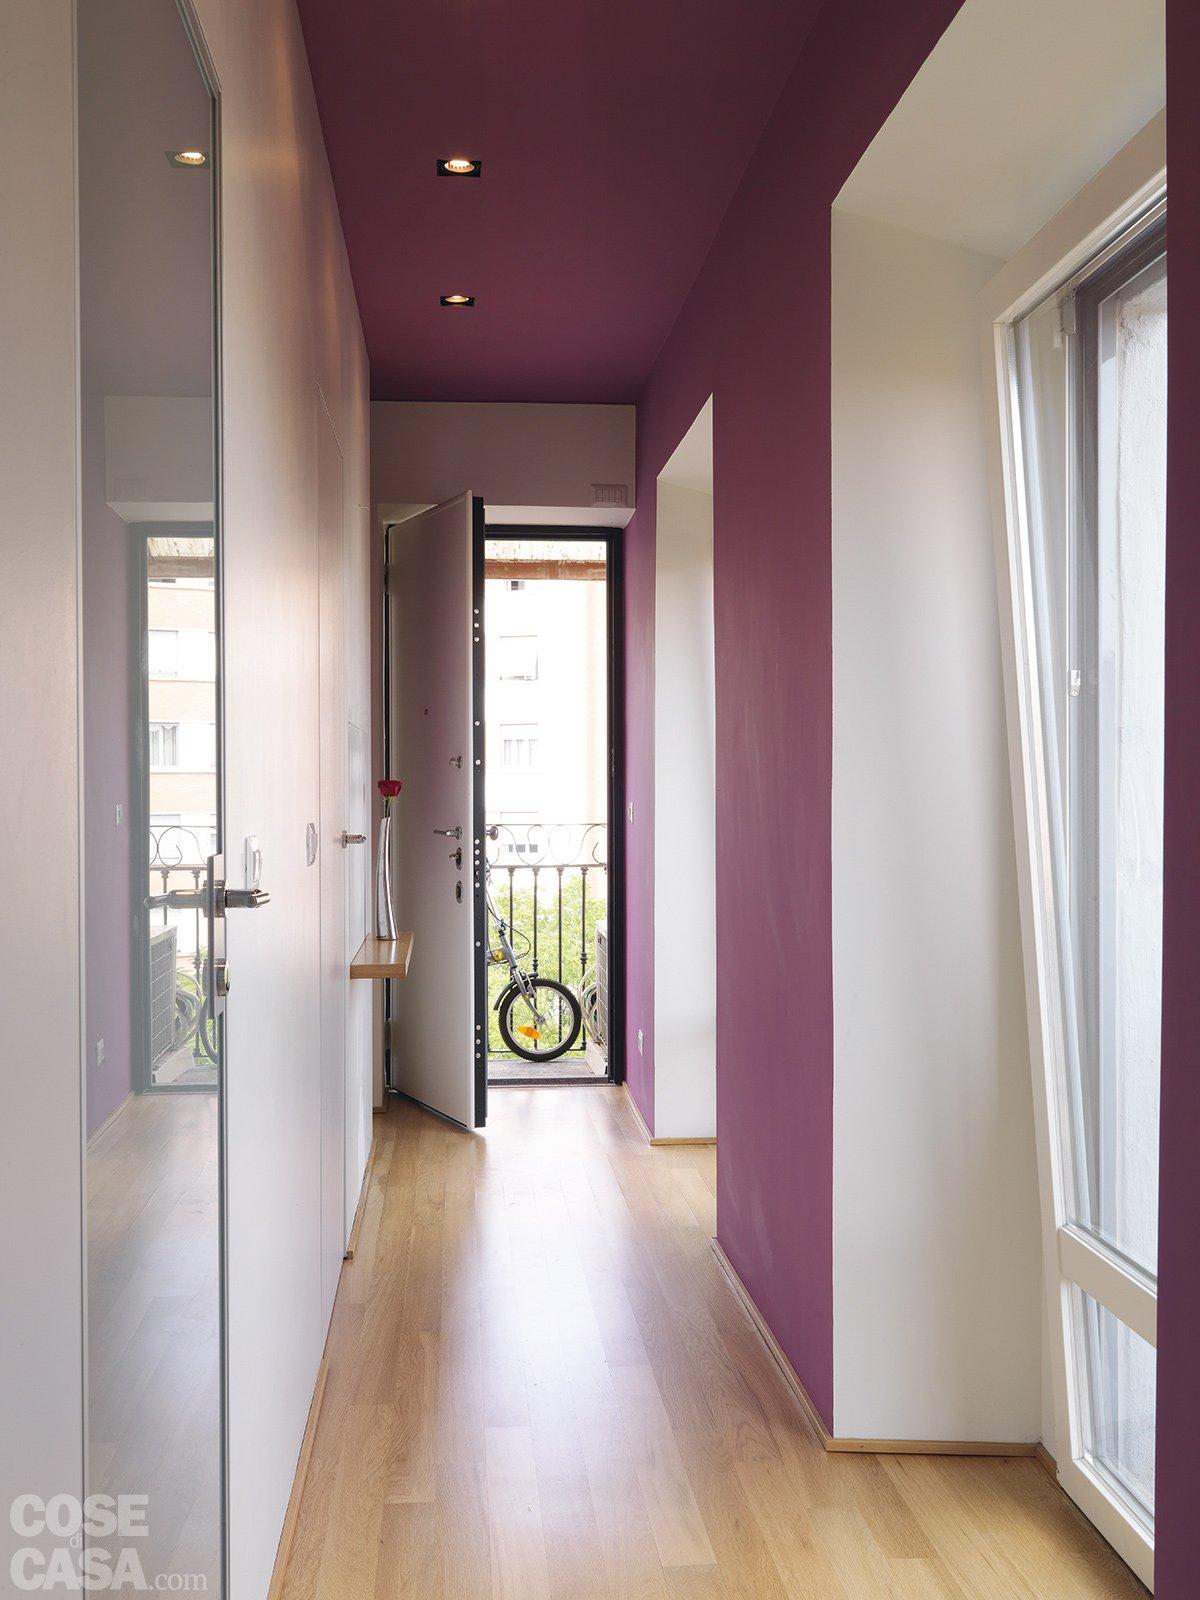 Colore soffitto corridoio una collezione di idee per for Design del layout di casa